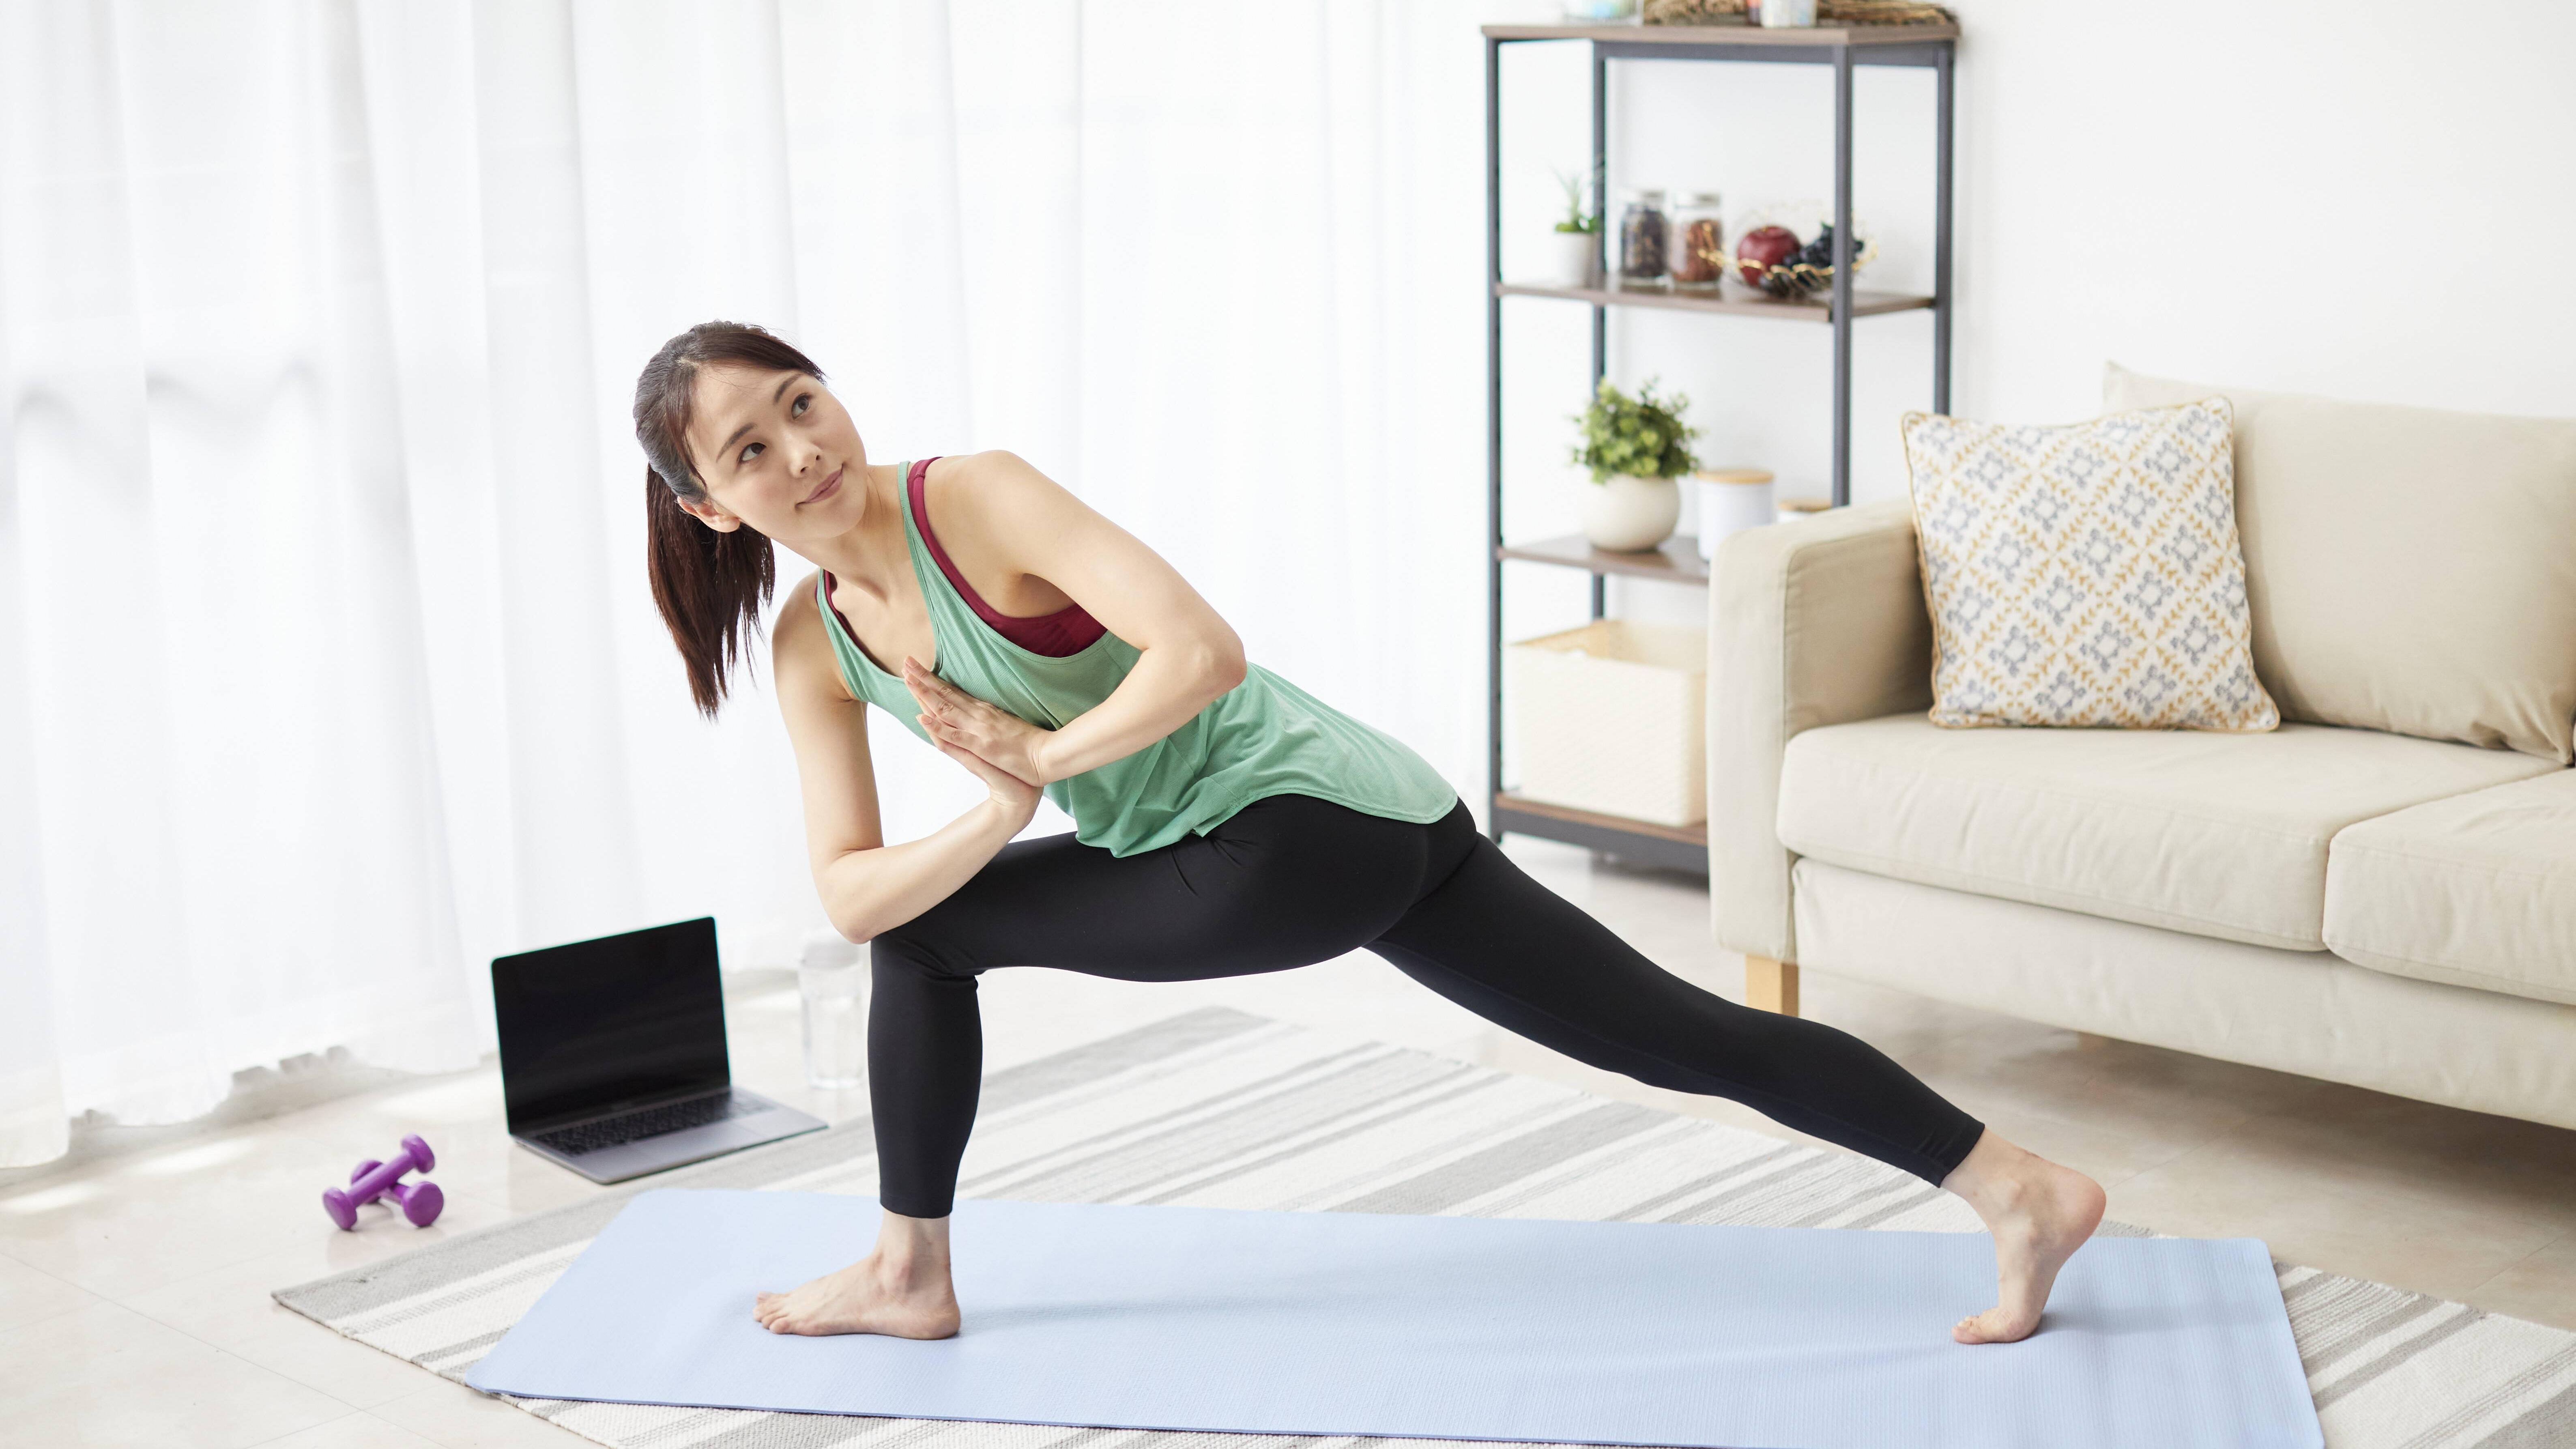 Mit diesen kostenlosen Yoga Apps können Sie immer und überall Yoga praktizieren.